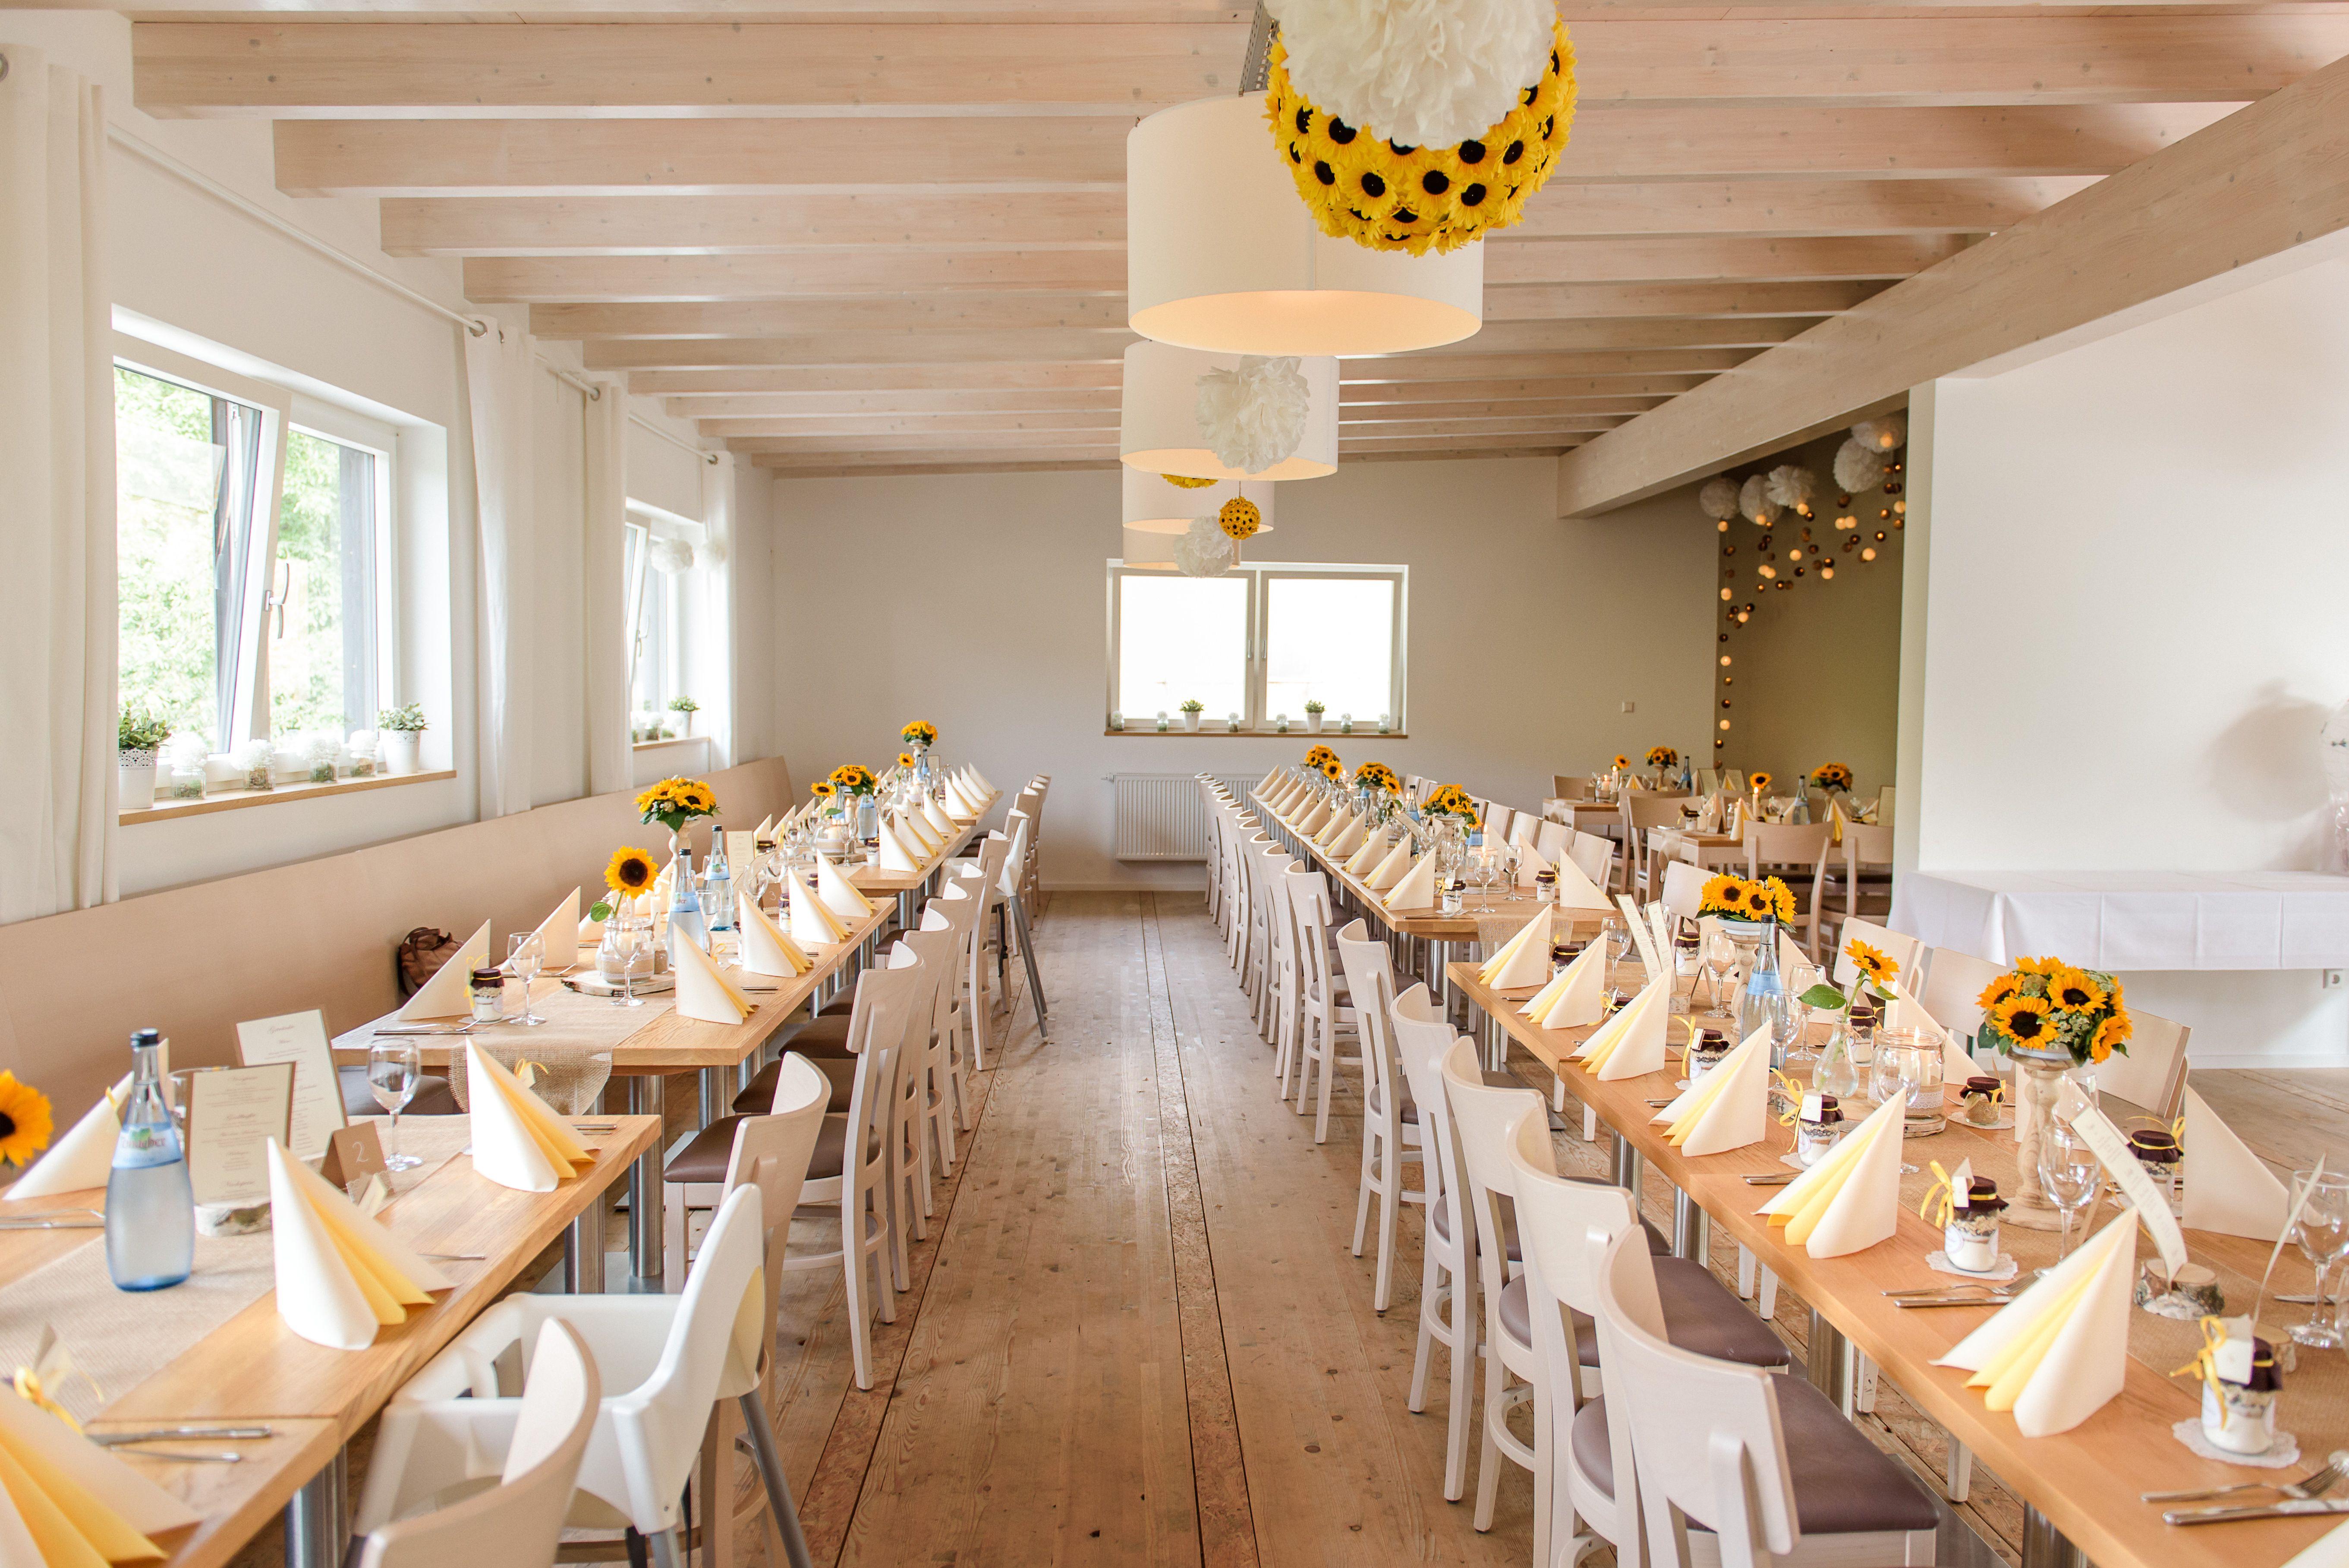 Hochzeitslocation Bauernhof Bischoff In Keltern Umgebung Hochzeitslocation Bauernhof